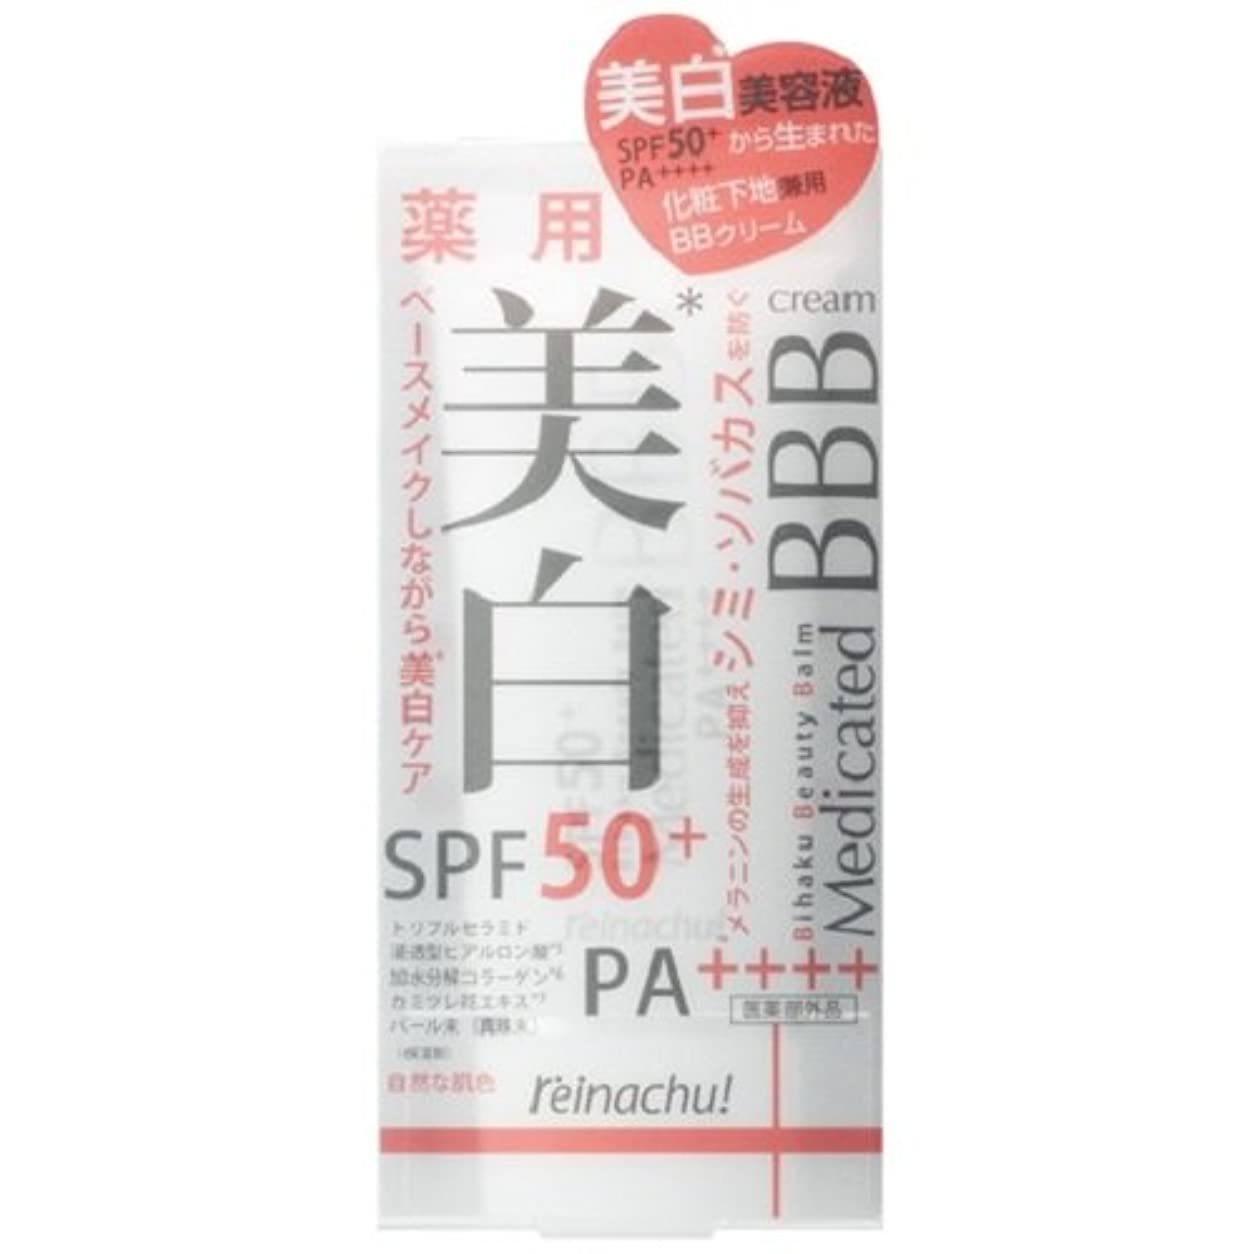 アレルギーピュー顧問レイナチュ 薬用BBクリーム 30g (医薬部外品)